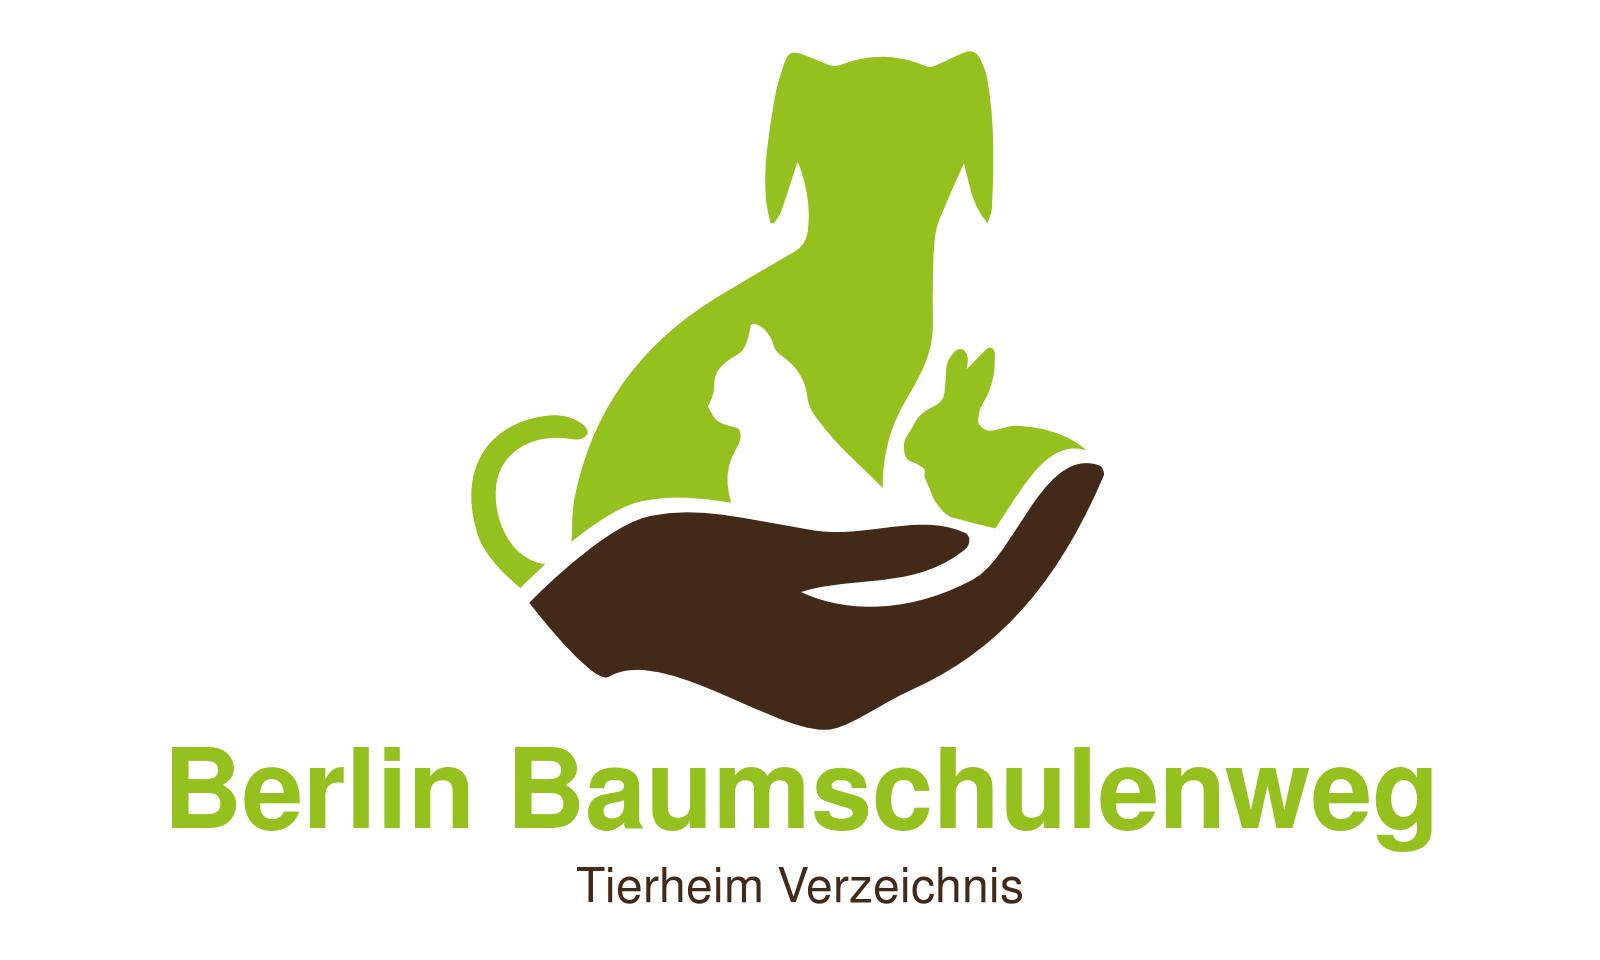 Tierheim Berlin Baumschulenweg